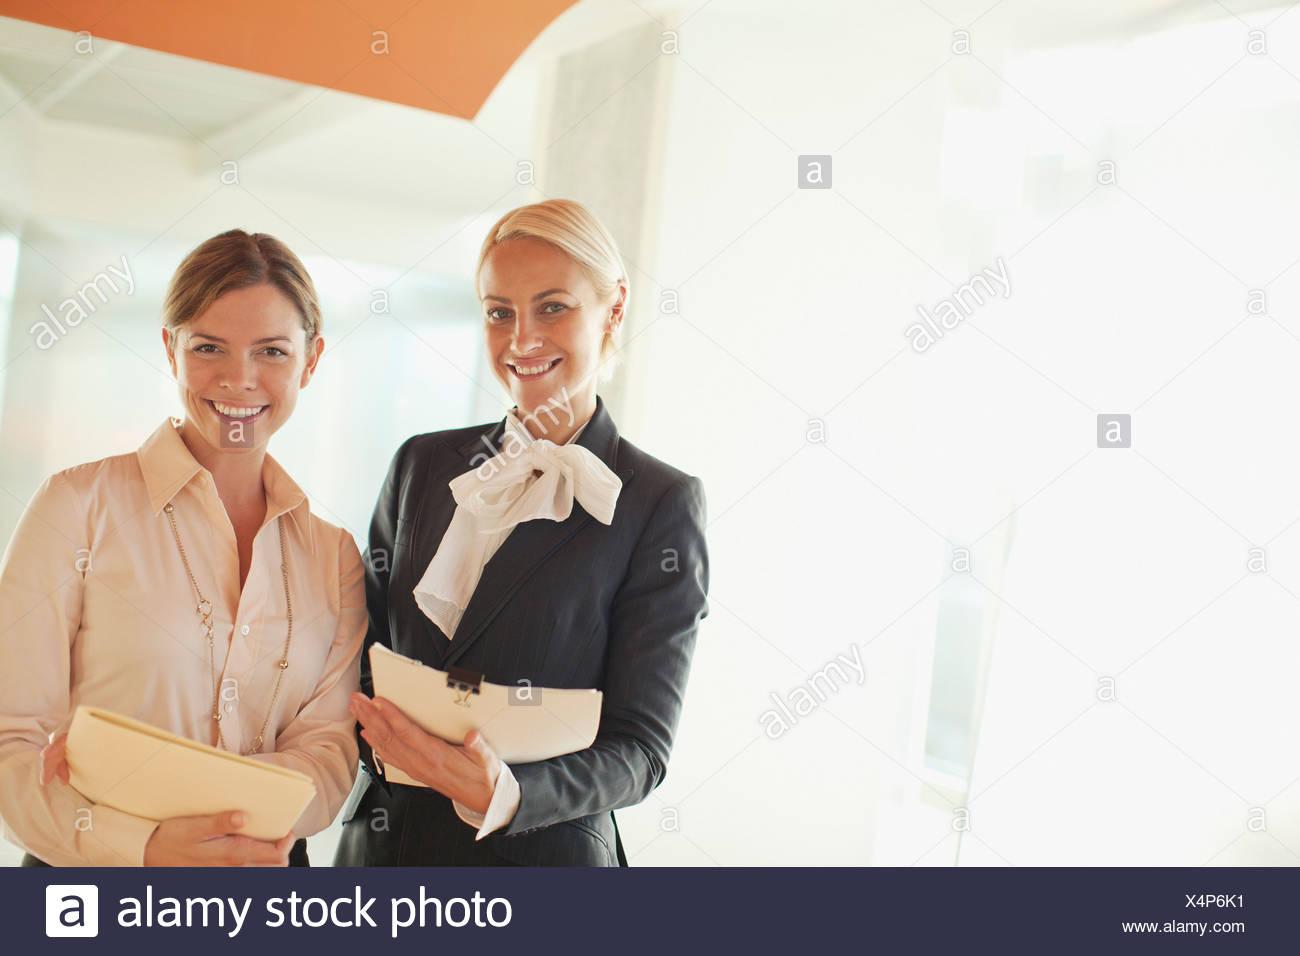 30-34 años,ambición,negocios,traje de negocios,empresaria,California,caucásico,compañero,color image,confianza,copiar Imagen De Stock